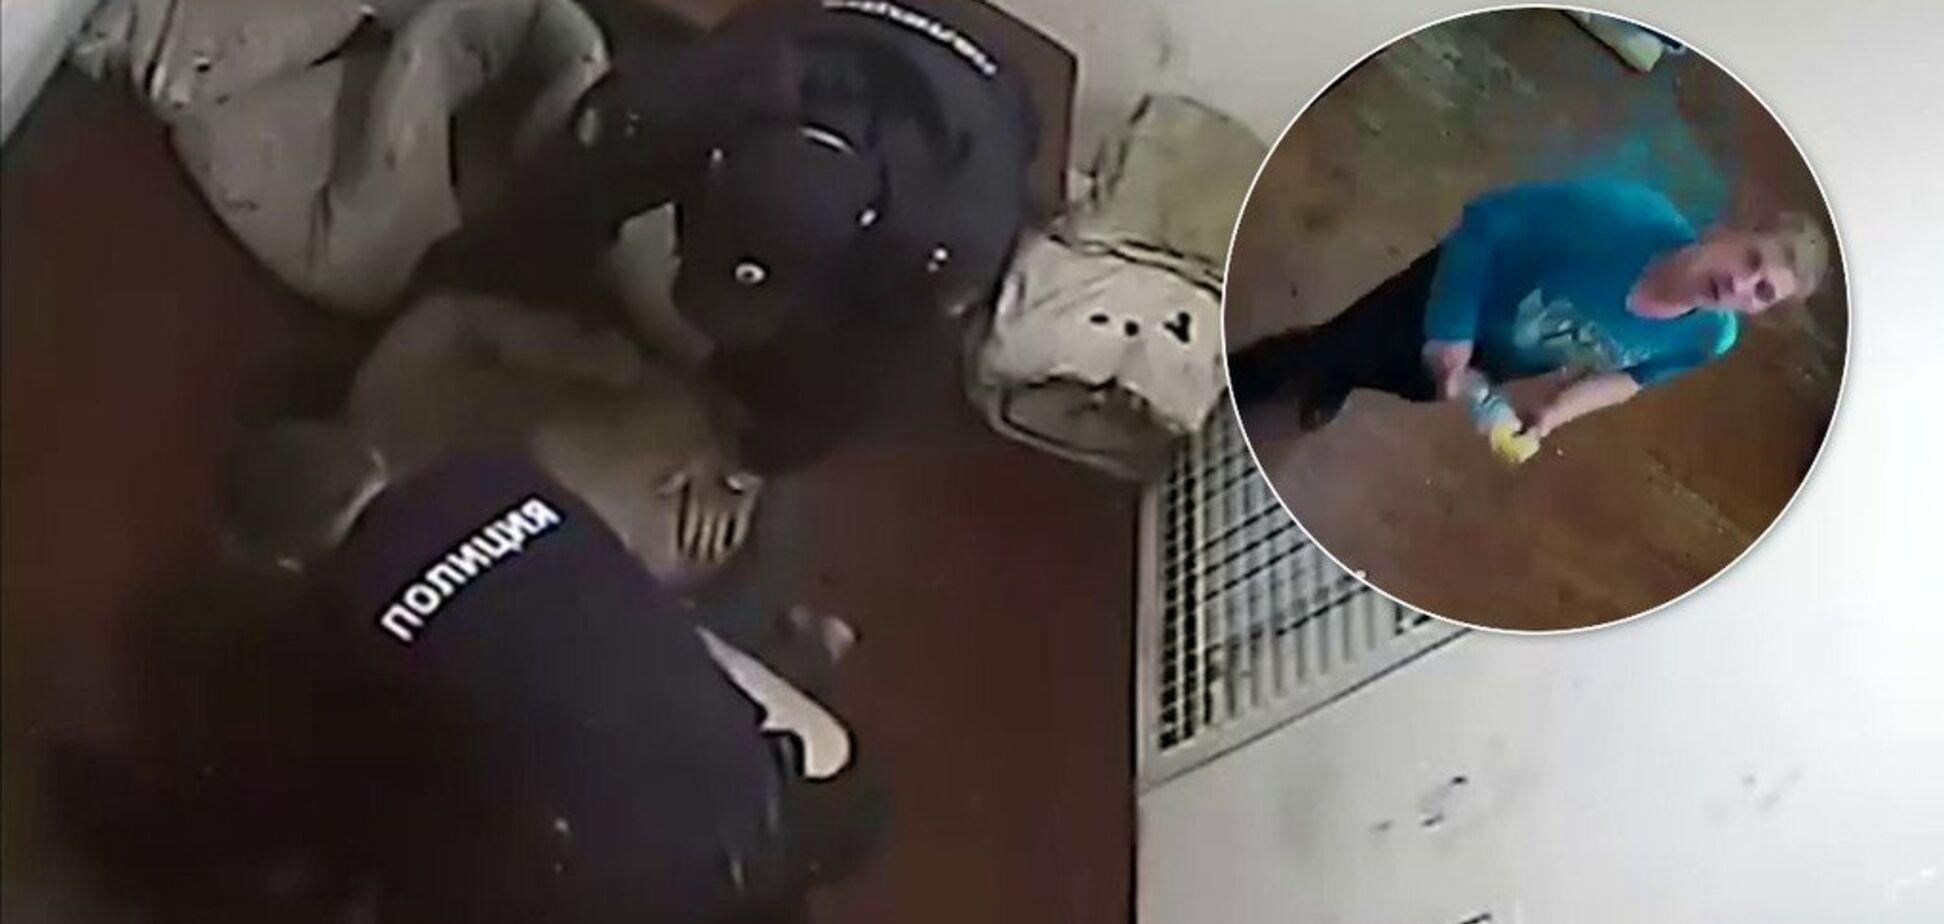 Российский футболист сварился заживо в полиции: появилось видео из камеры